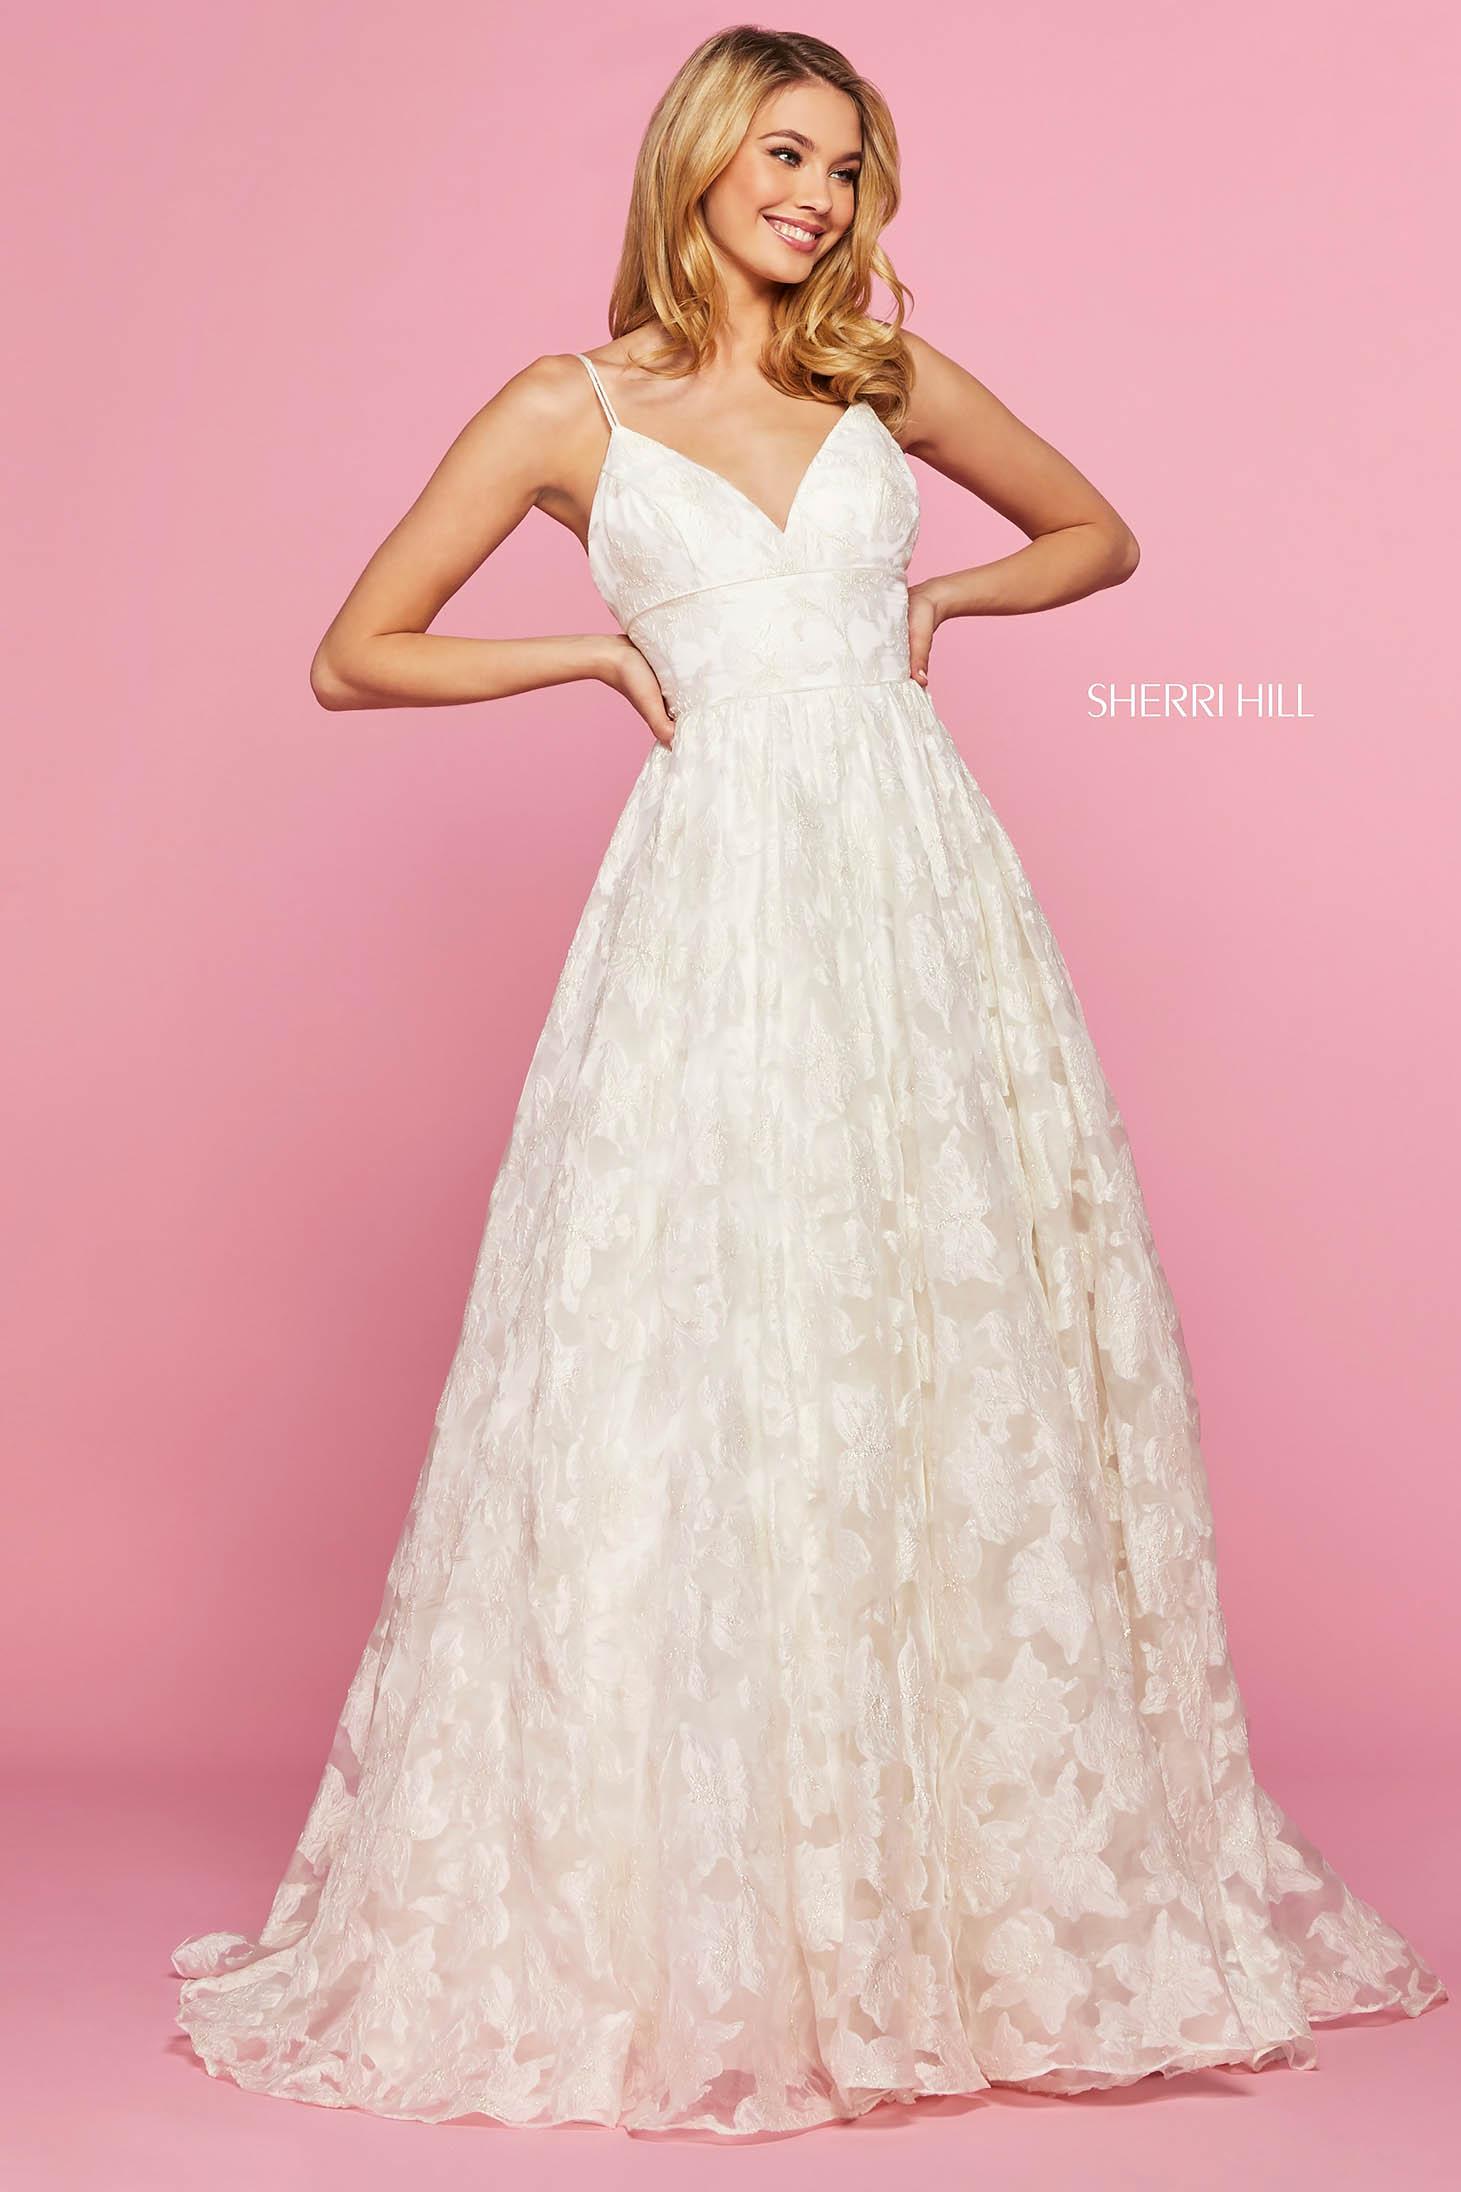 Rochie Sherri Hill 53410 blush